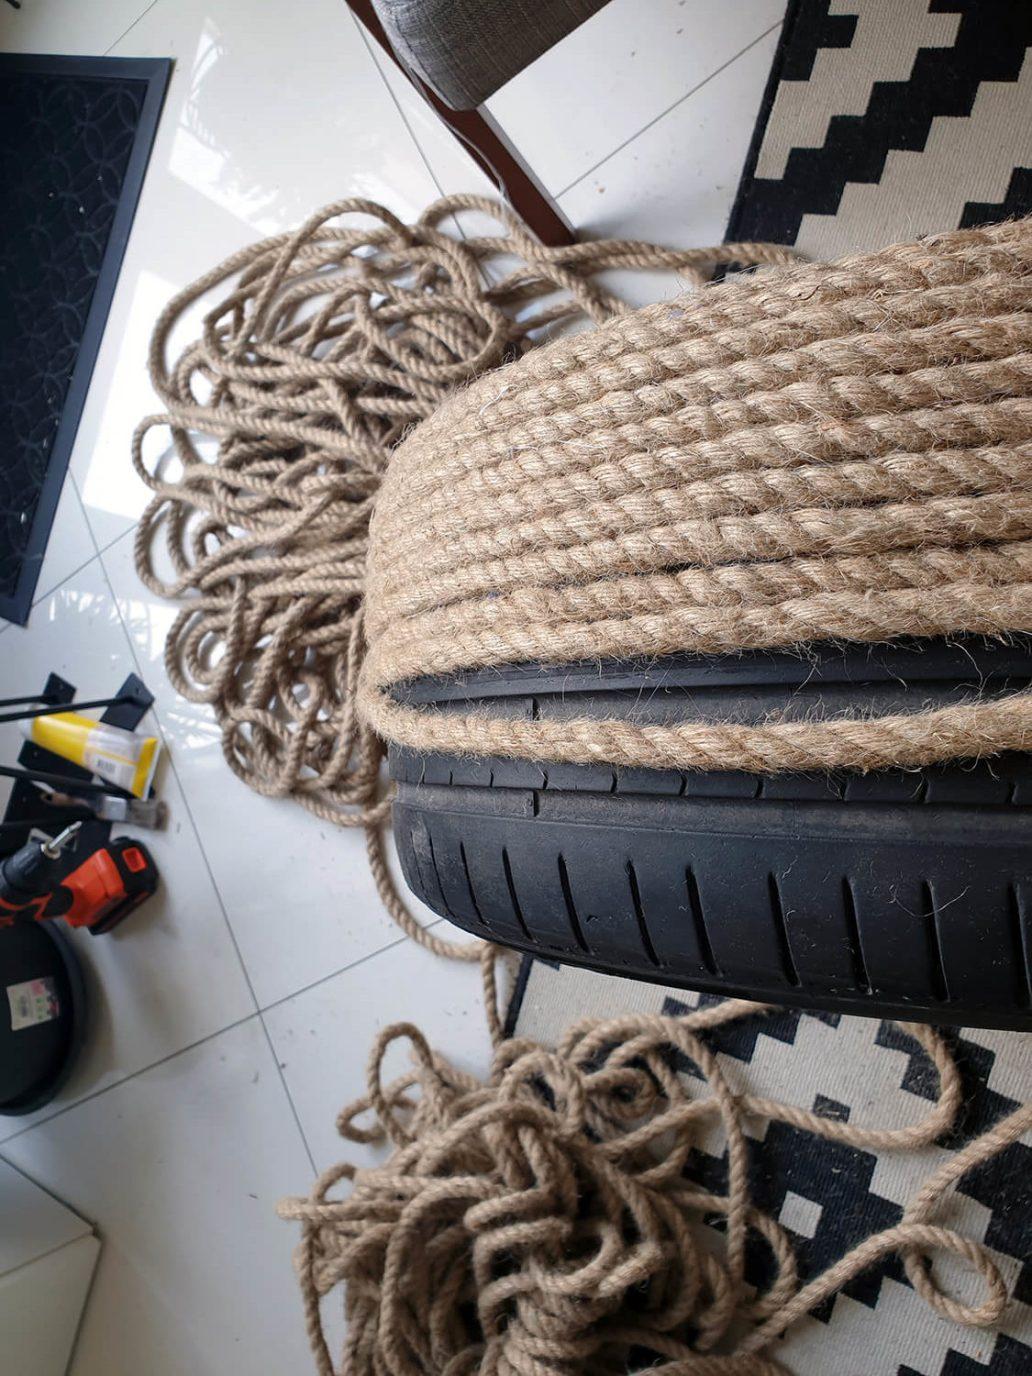 20200930 144755 rotated - DIY Récup : fabriquer une table basse avec un pneu